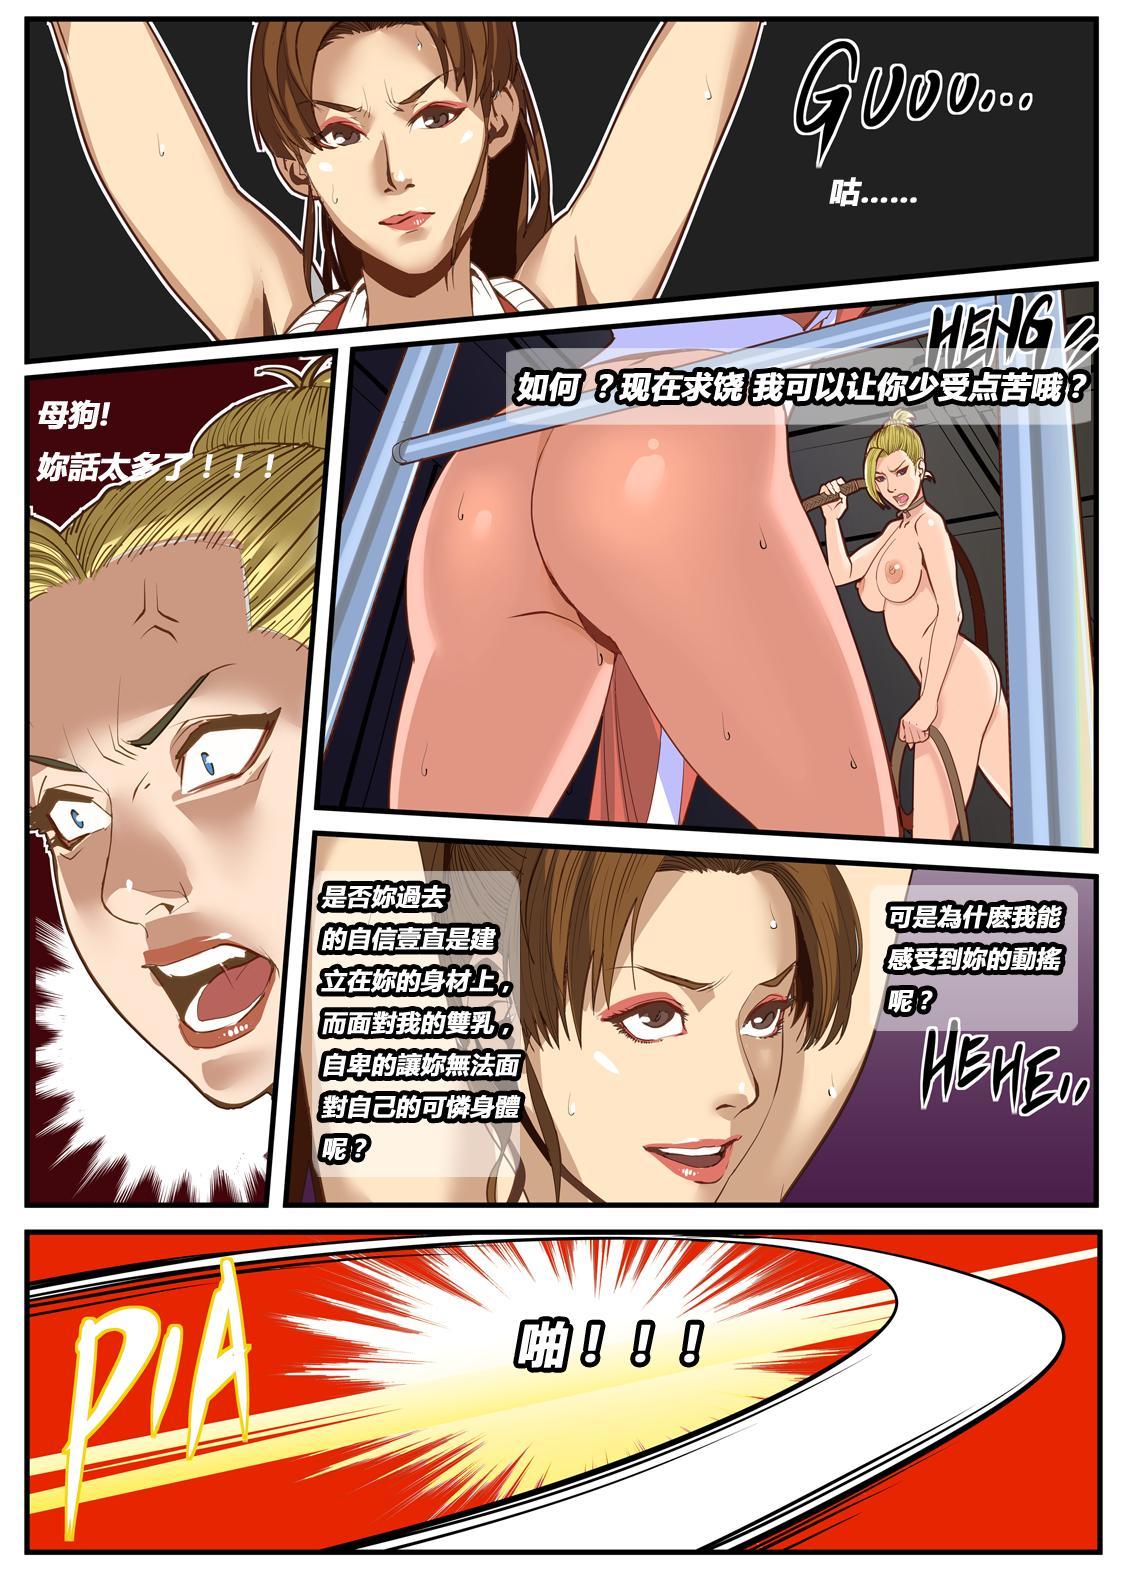 The Lust of Mai Shiranui 41